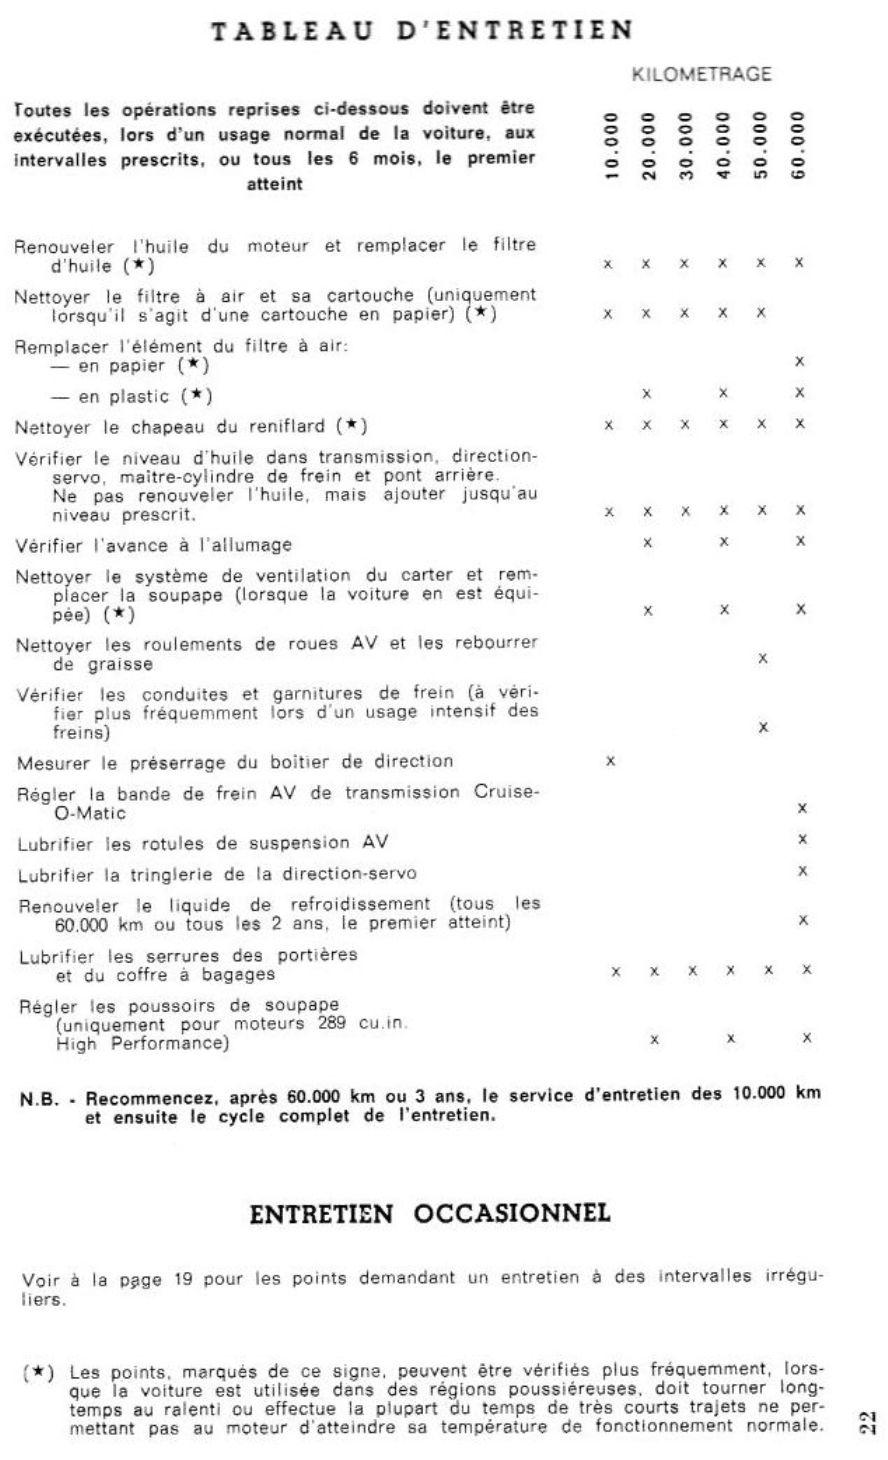 Mustang 1966 : Manuel d'entretien en français, édition de France Nouve217